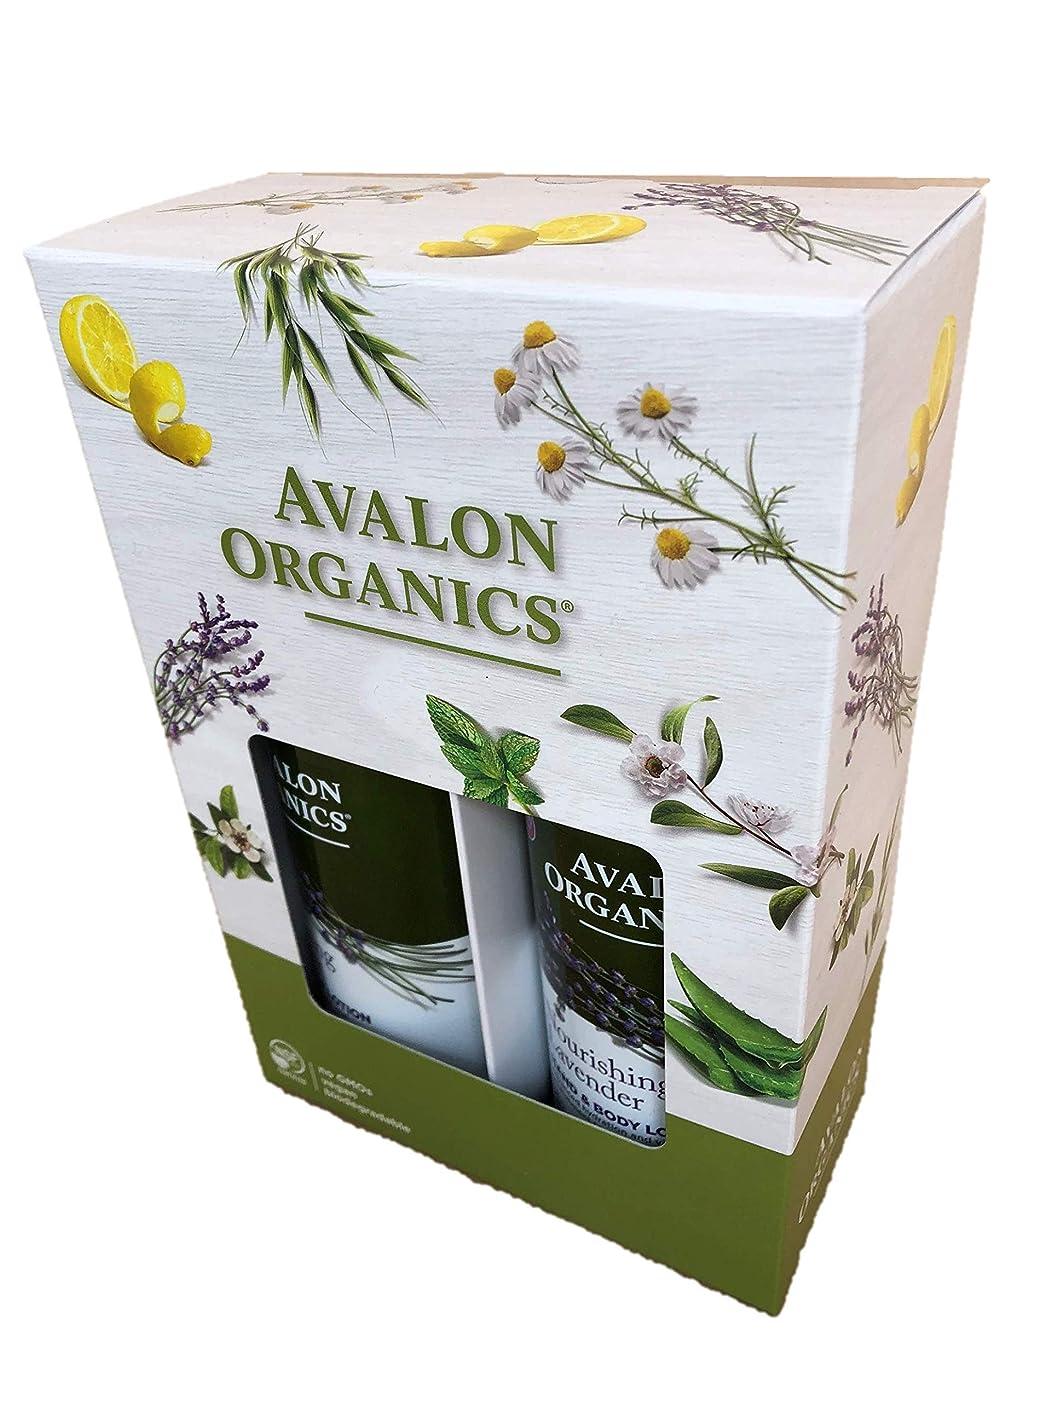 防腐剤カップル契約するAVALON ORGANICS アバロンオーガニクス ハンド&ボディローション ラベンダー 340g×2